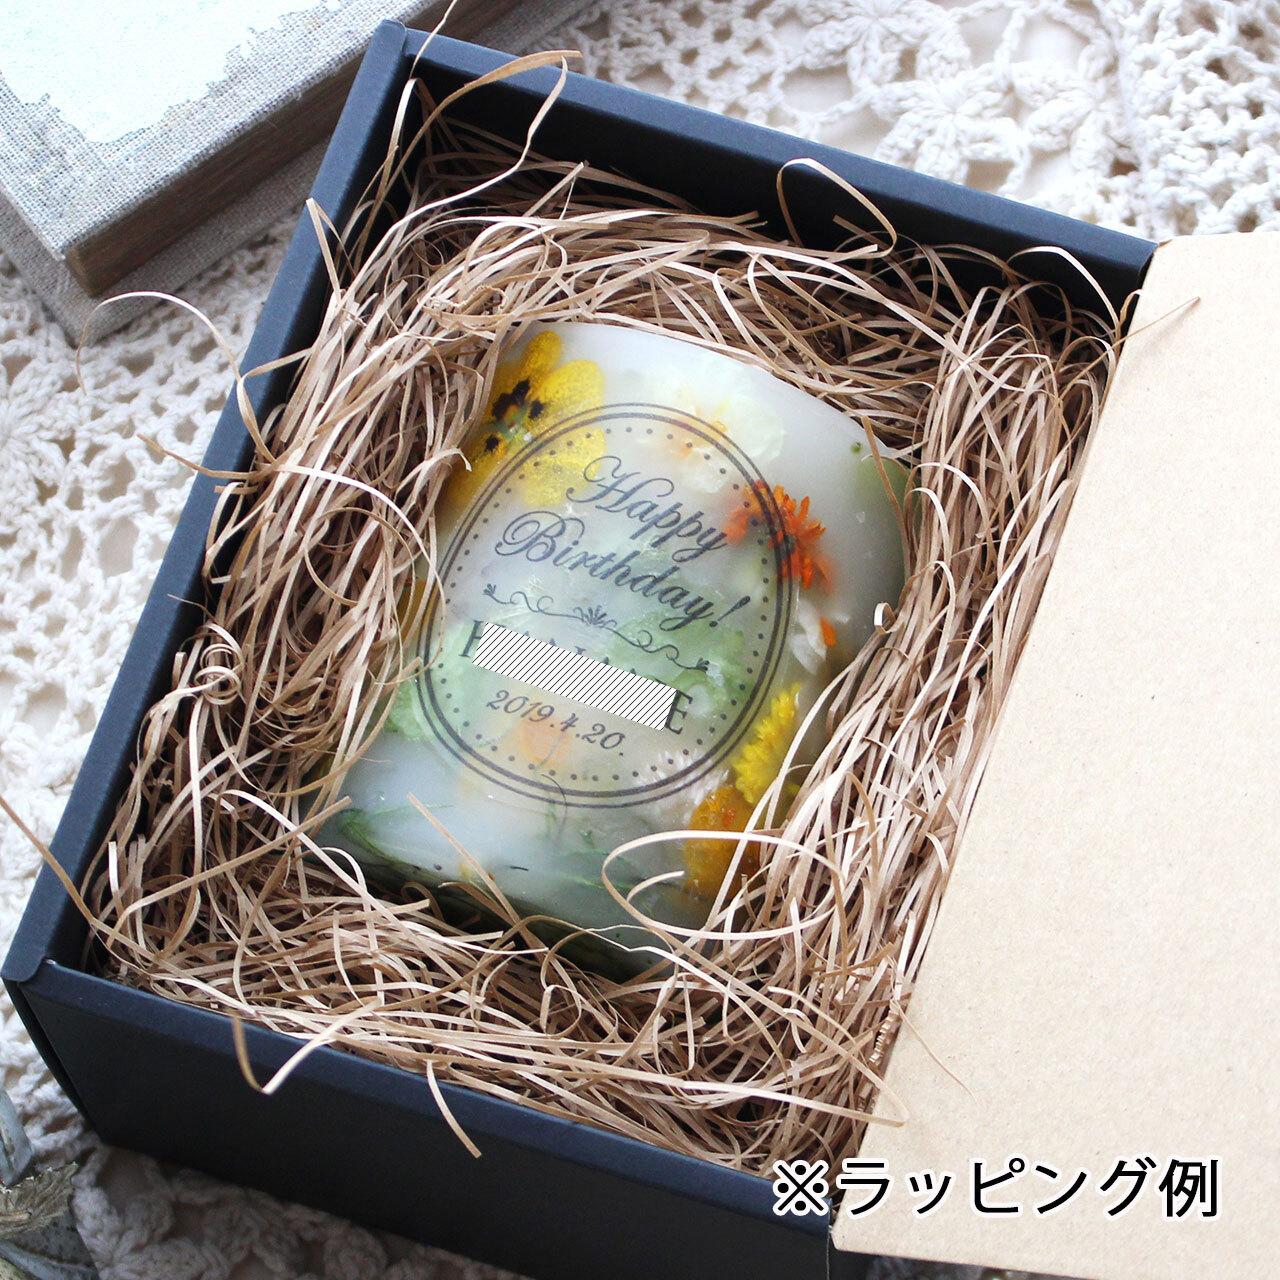 NC226 ギフトラッピング付き☆メッセージ&日付&名入れボタニカルキャンドル プリザーブドローズ